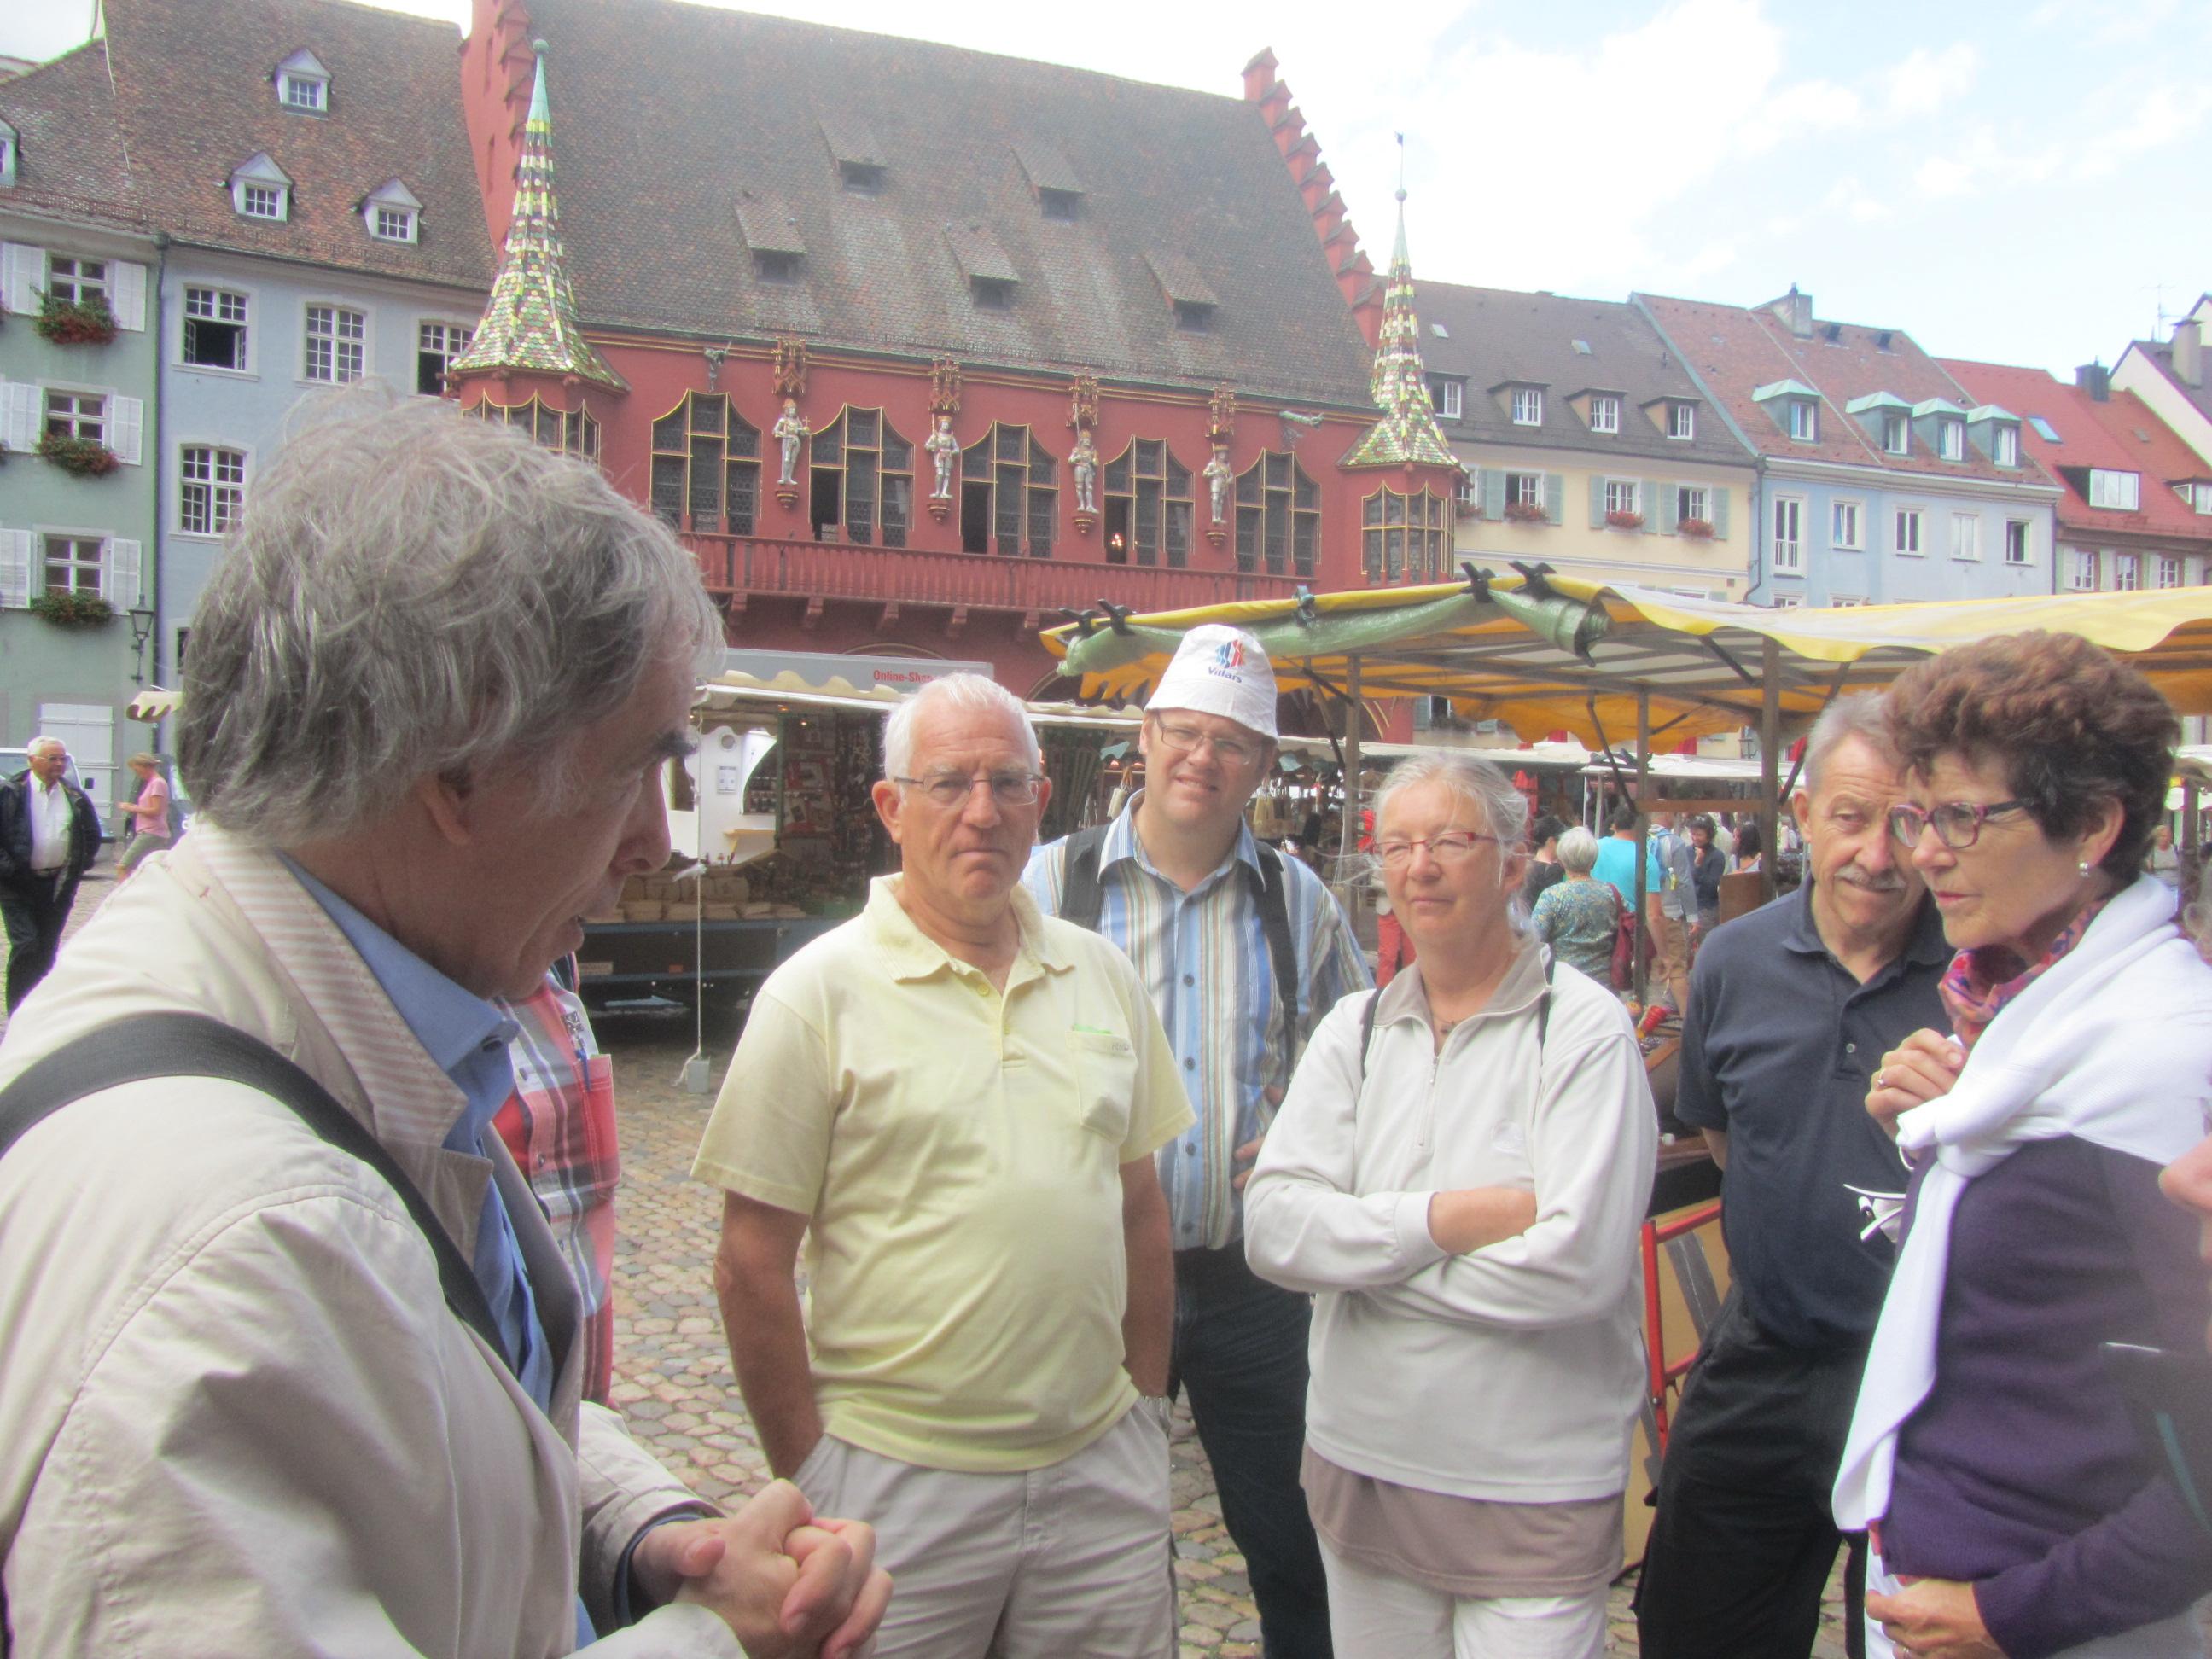 Führung in der Altstadt mit speziellem Fokus auf der Geschicht und städtebaulichen Weiterentwicklung